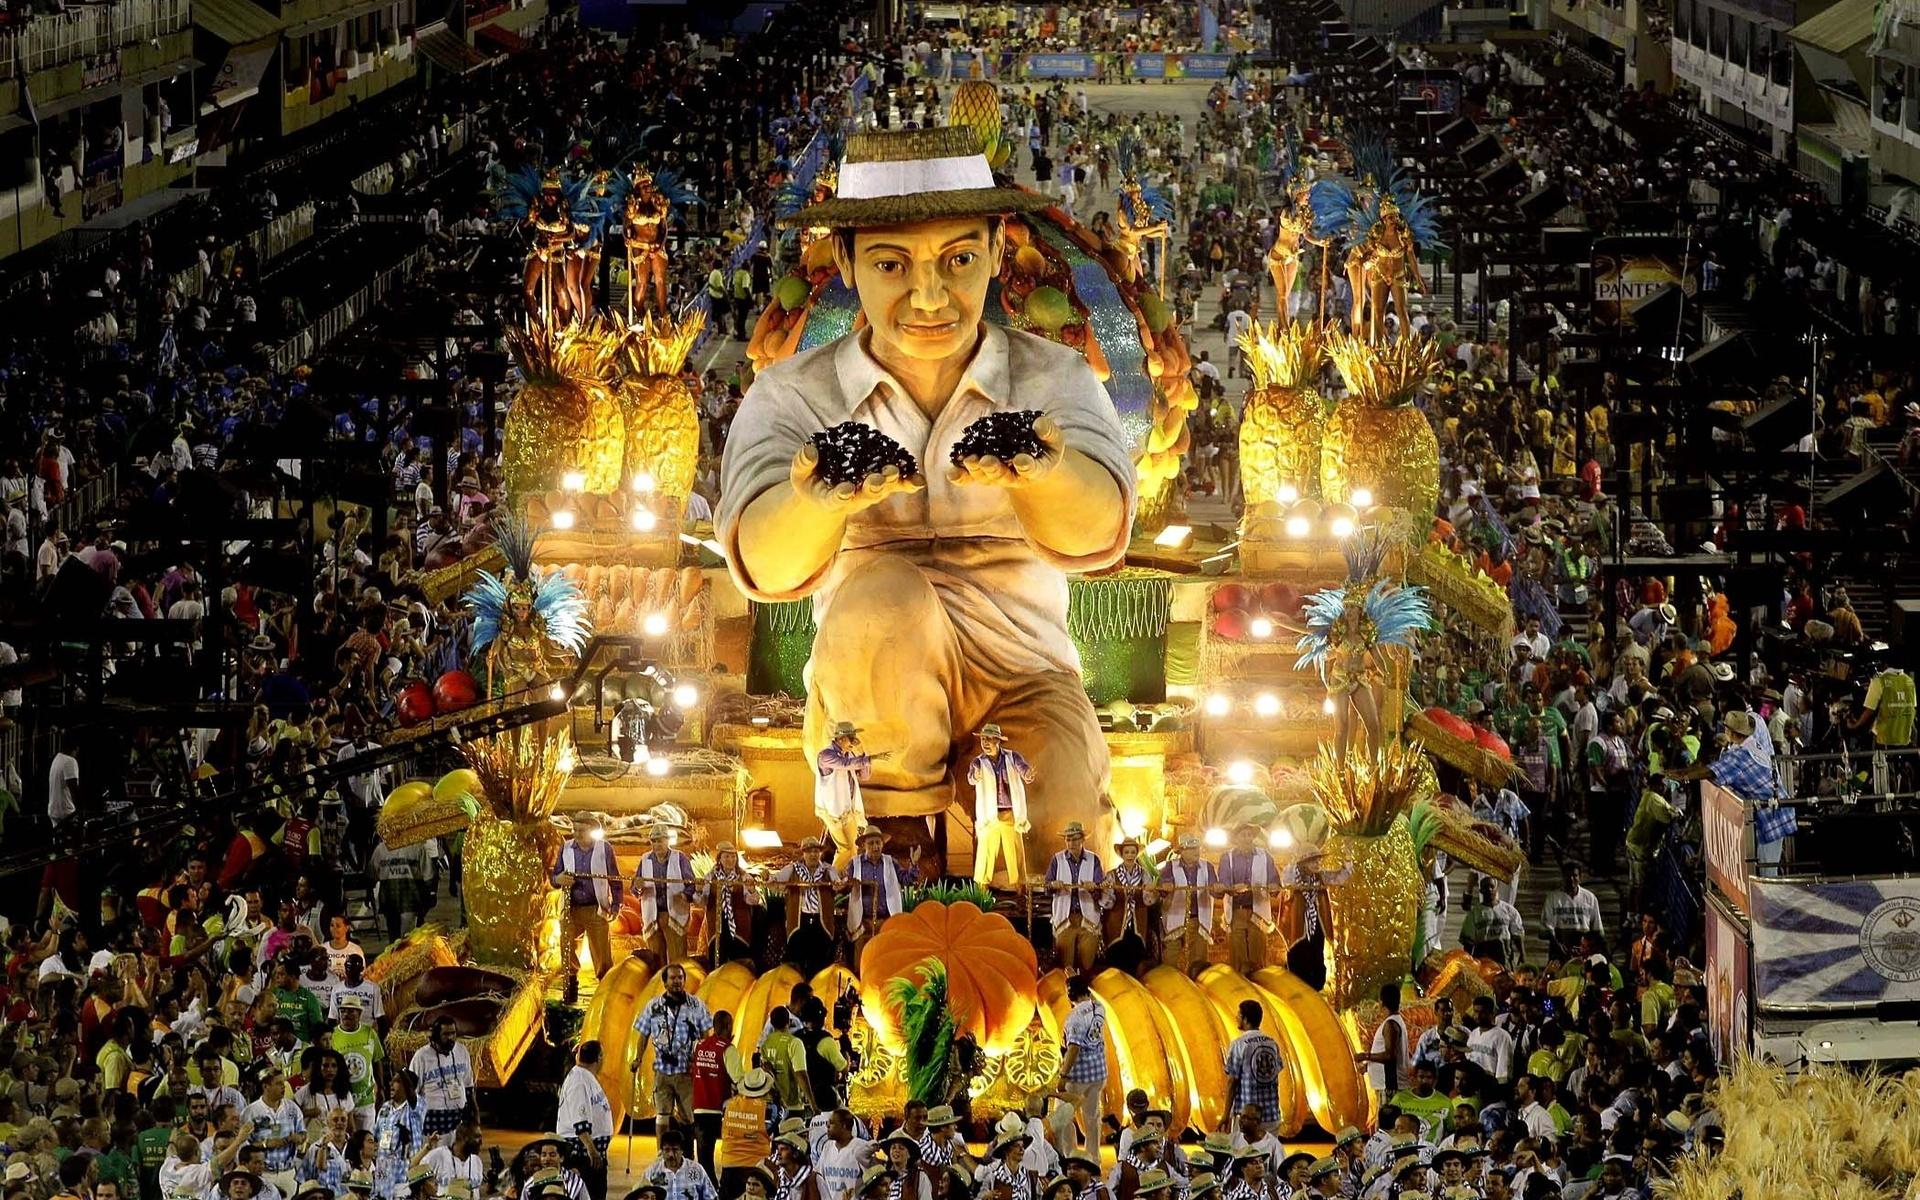 The Rio de Janeiro Carnival